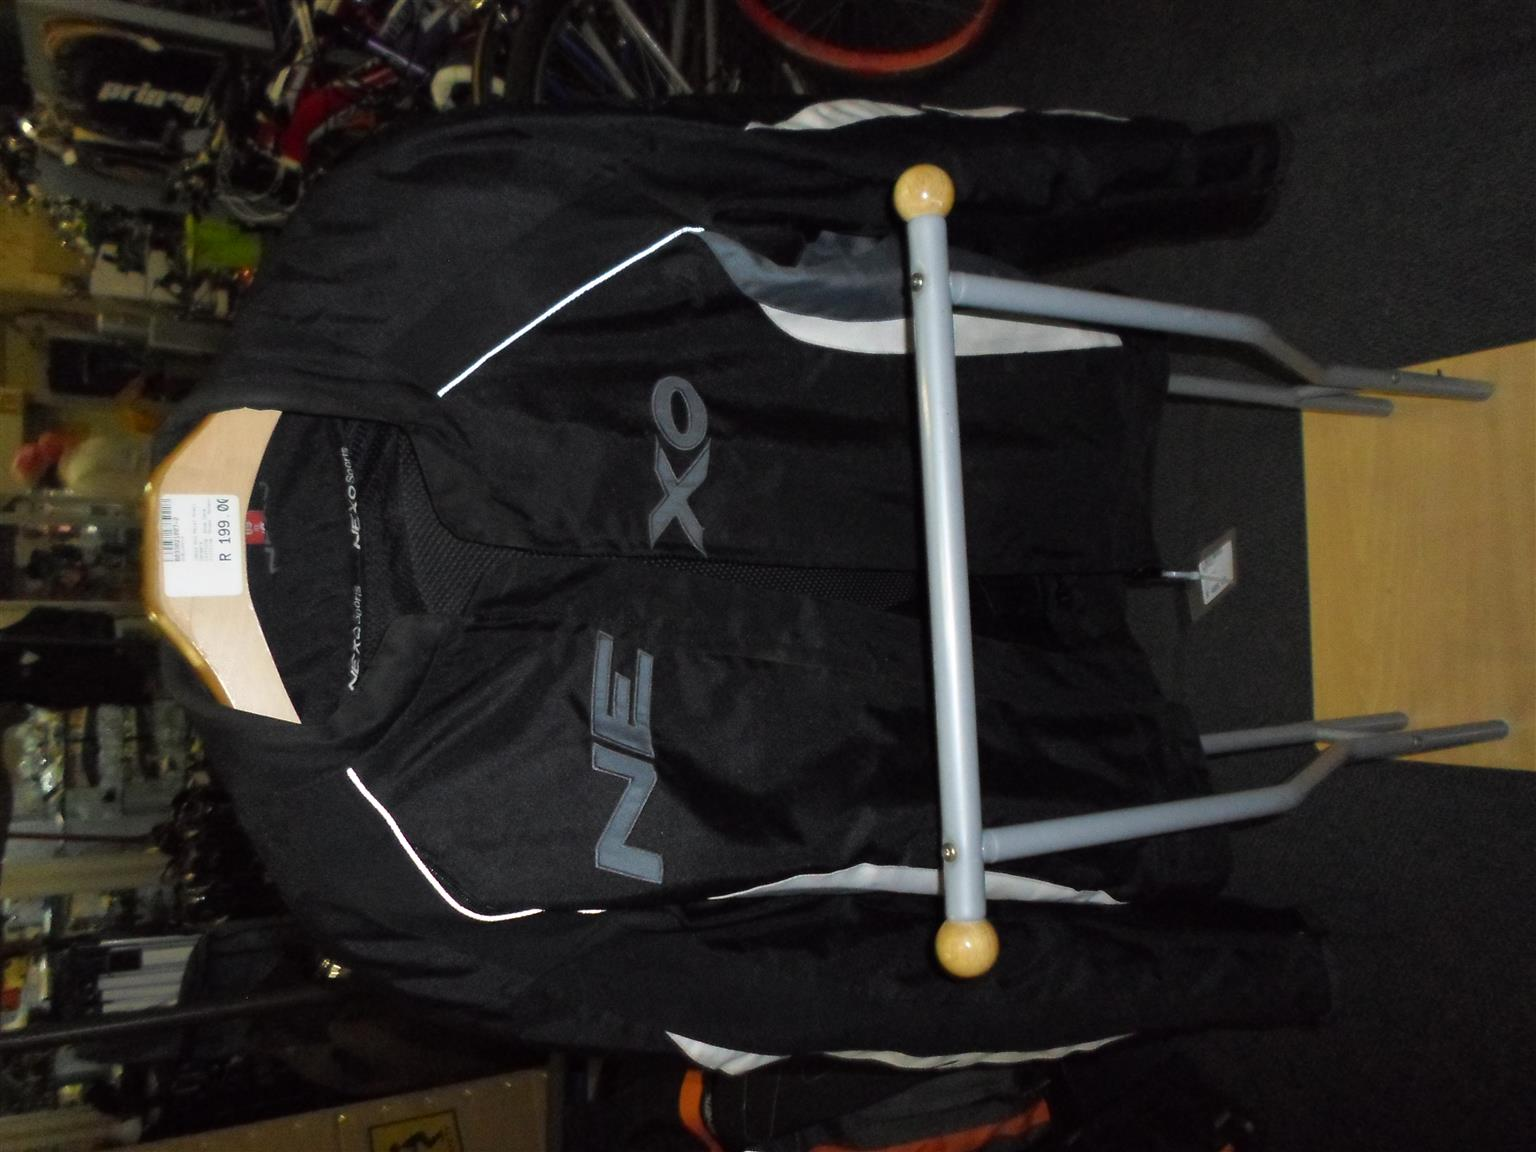 4XL Nexo Sports Motorcycle Jacket